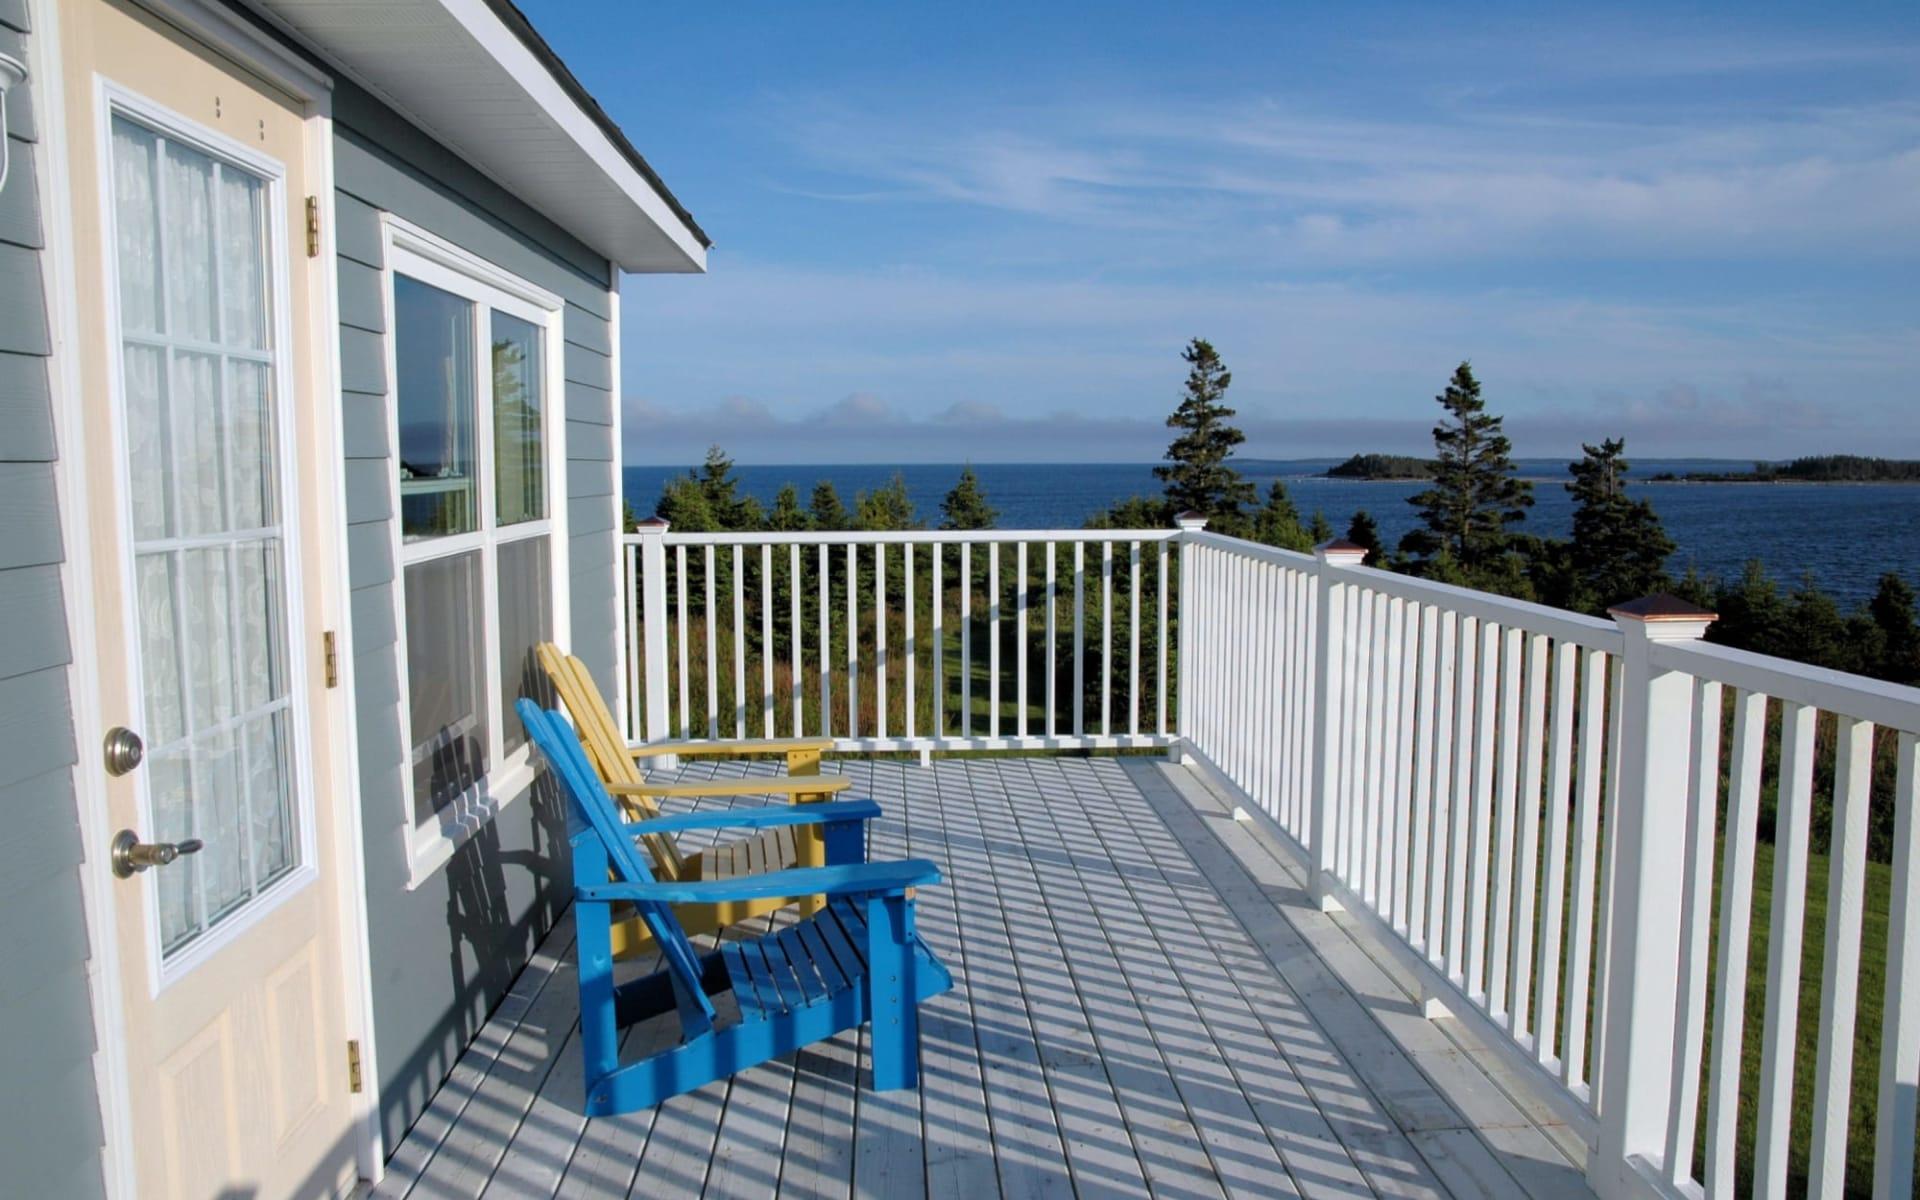 Seawind Landing Country Inn in Charlos Cove:  Sewawind Landing Country Inn_Deck